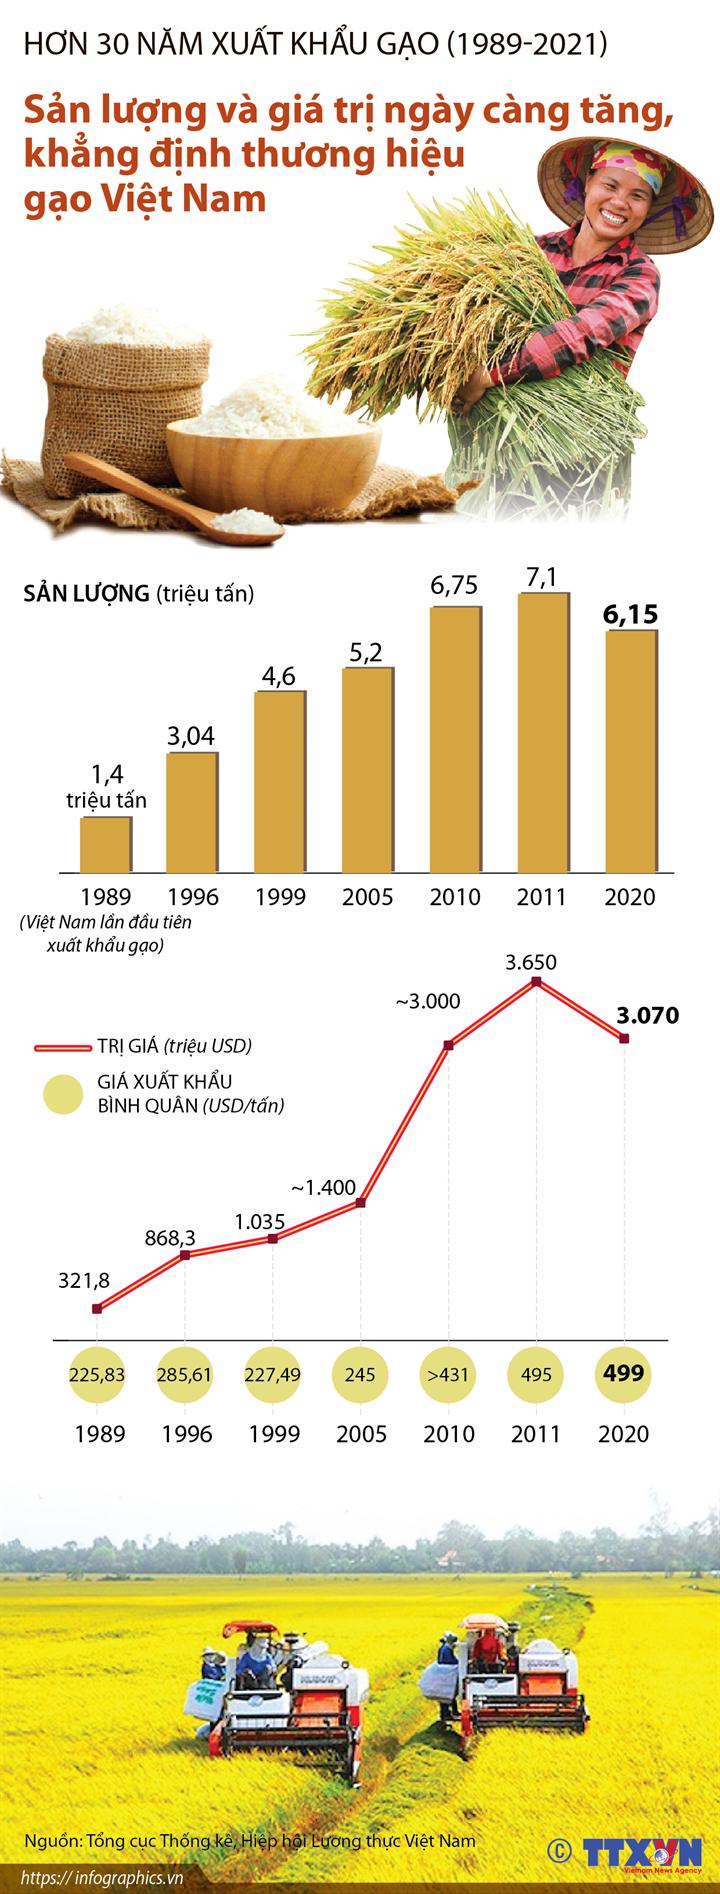 Hơn 30 năm xuất khẩu gạo (1989-2021): Sản lượng và giá trị ngày càng tăng, khẳng định thương hiệu gạo Việt Nam